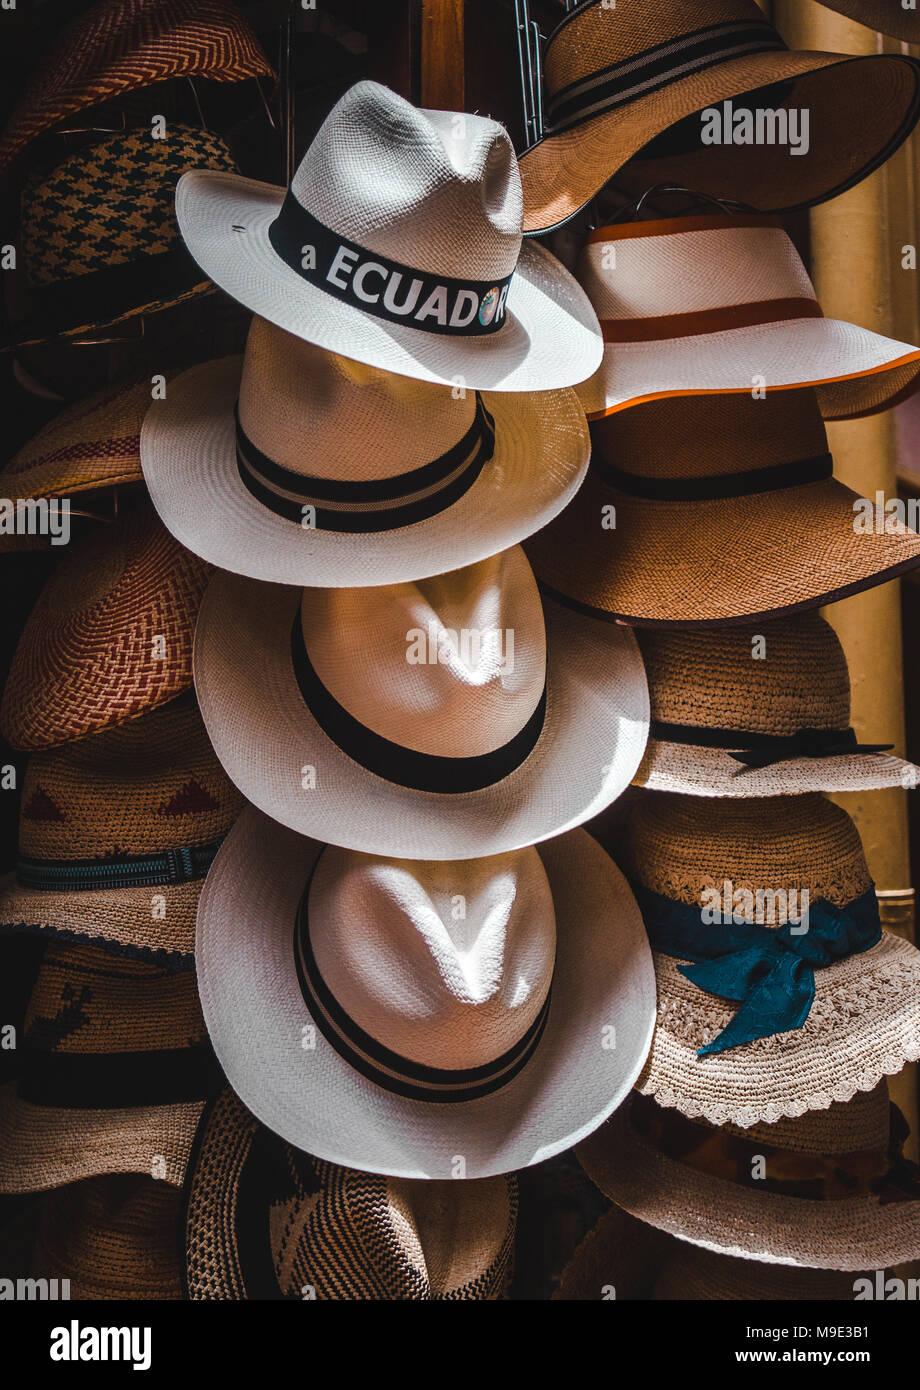 8e7c881a73787 Los sombreros panamá ecuatoriano artesanal con bandas negras en la pantalla  en una tienda en Cuenca